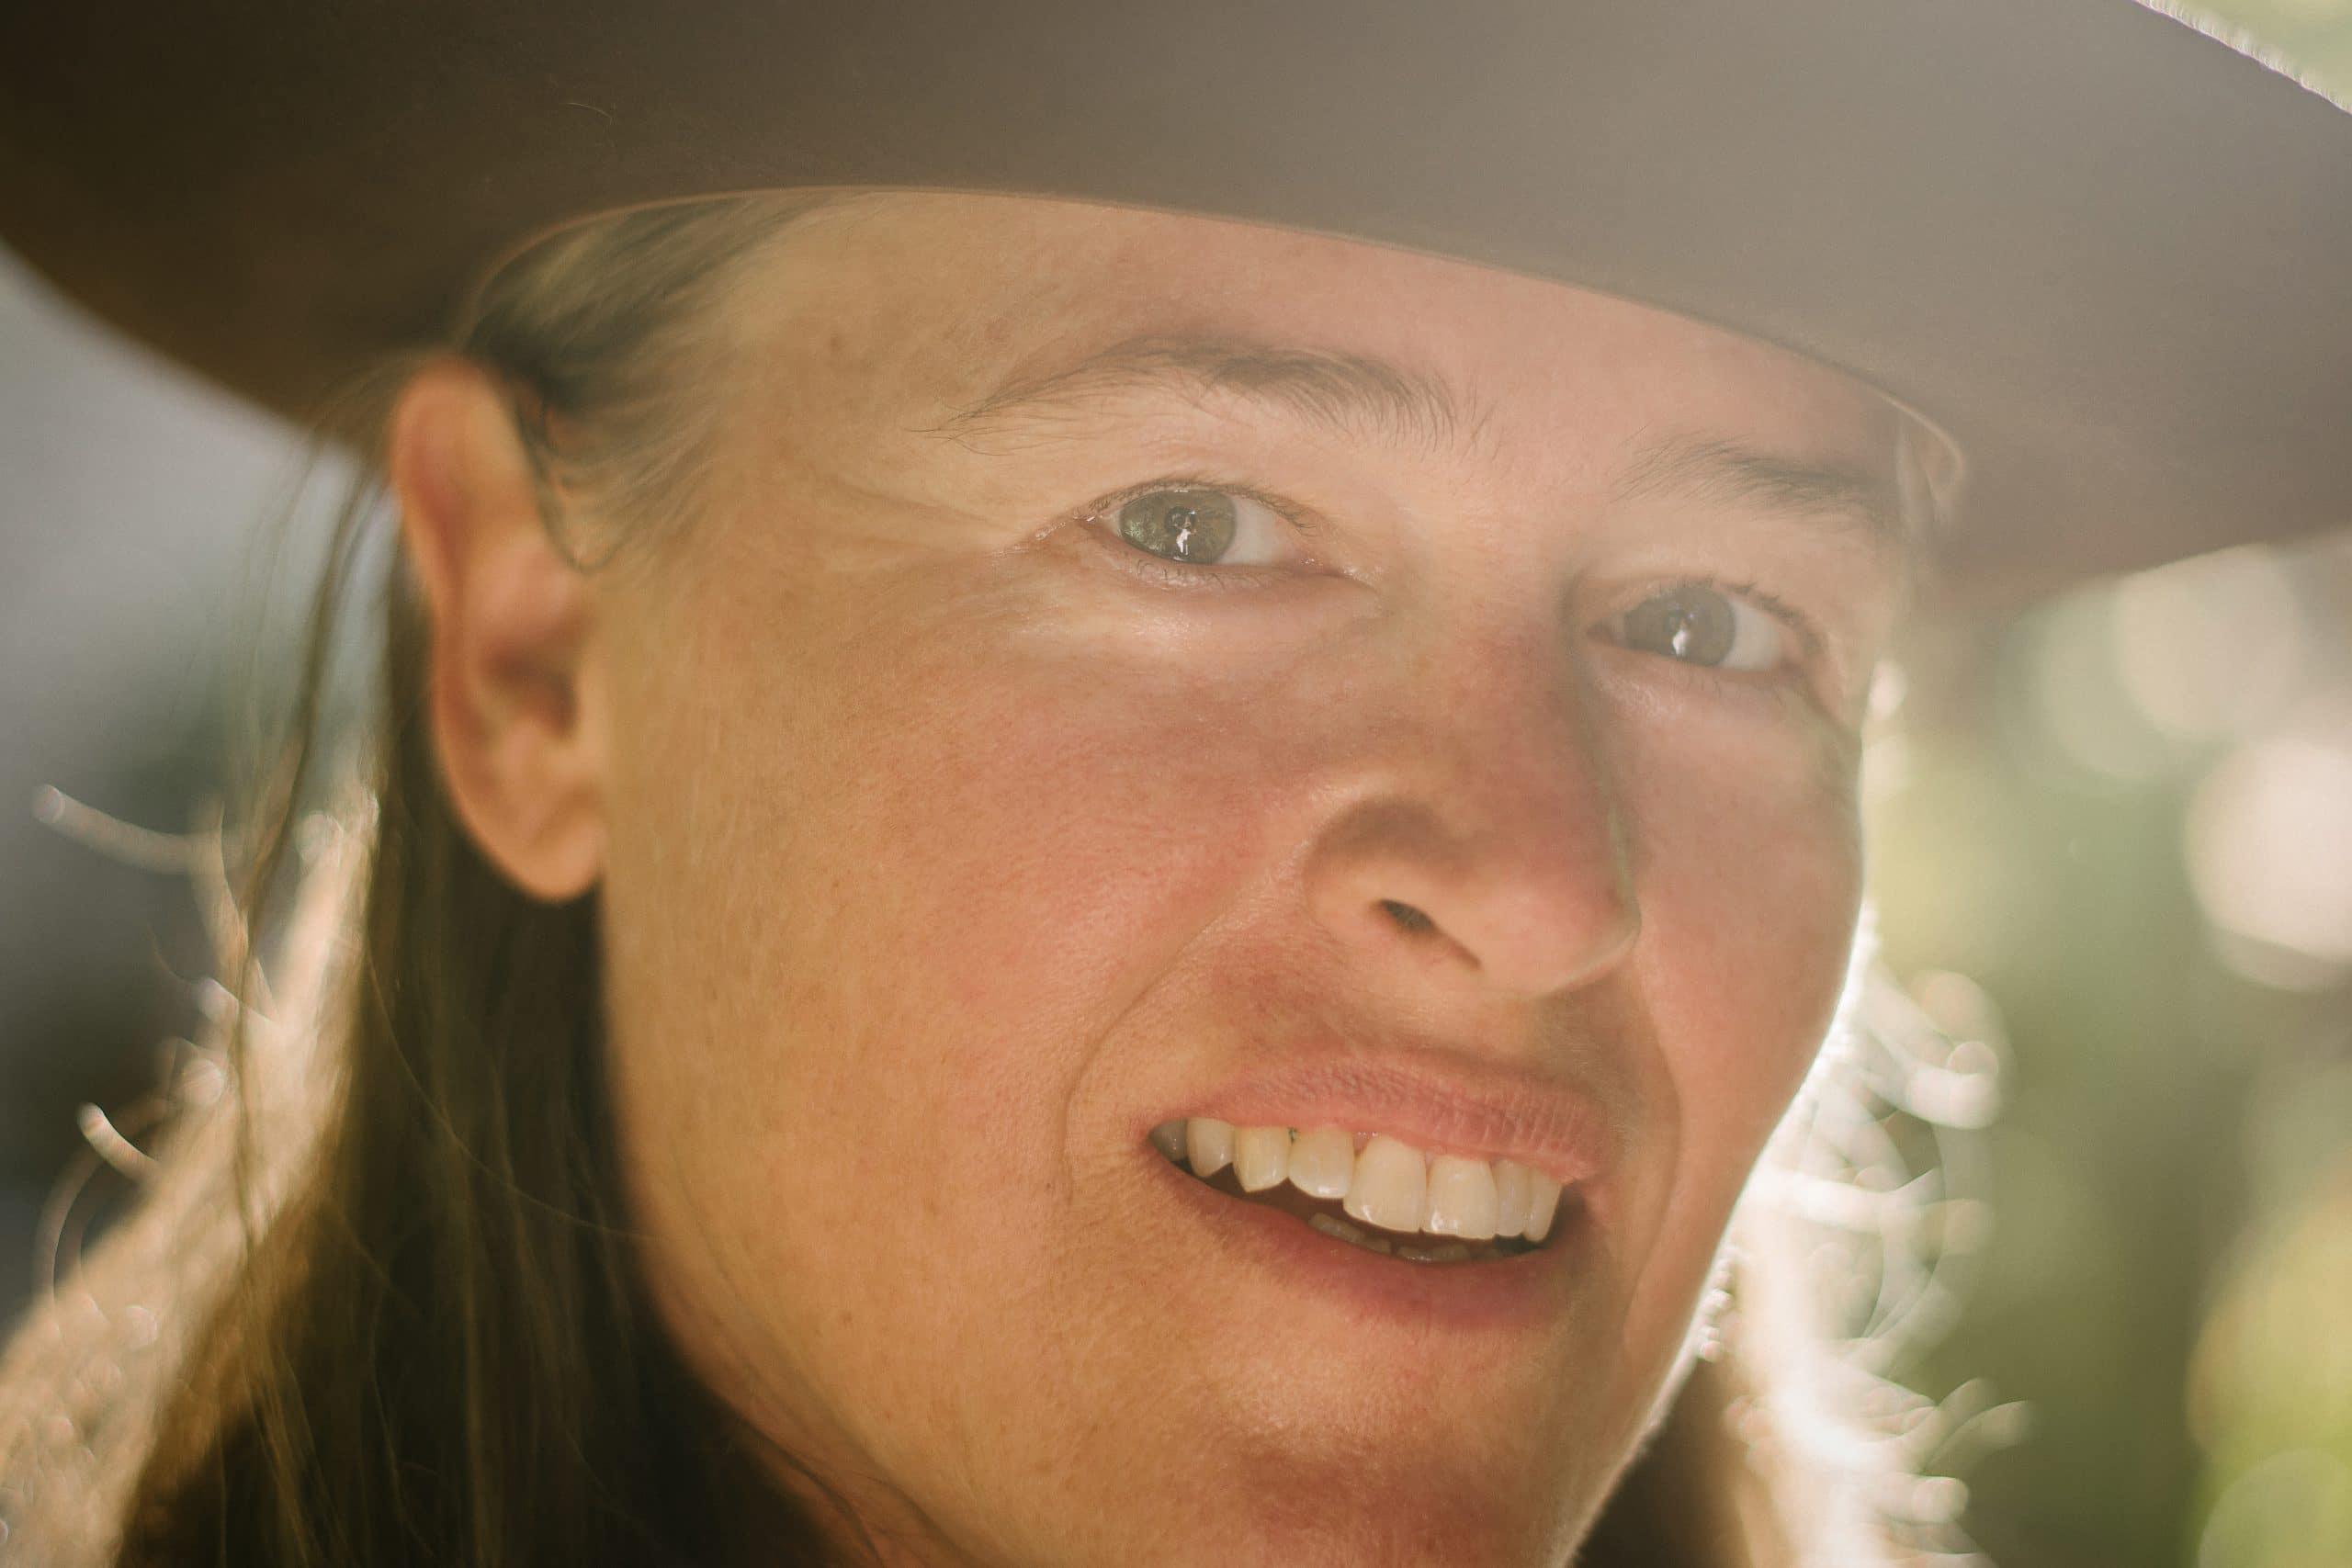 Bett Williams